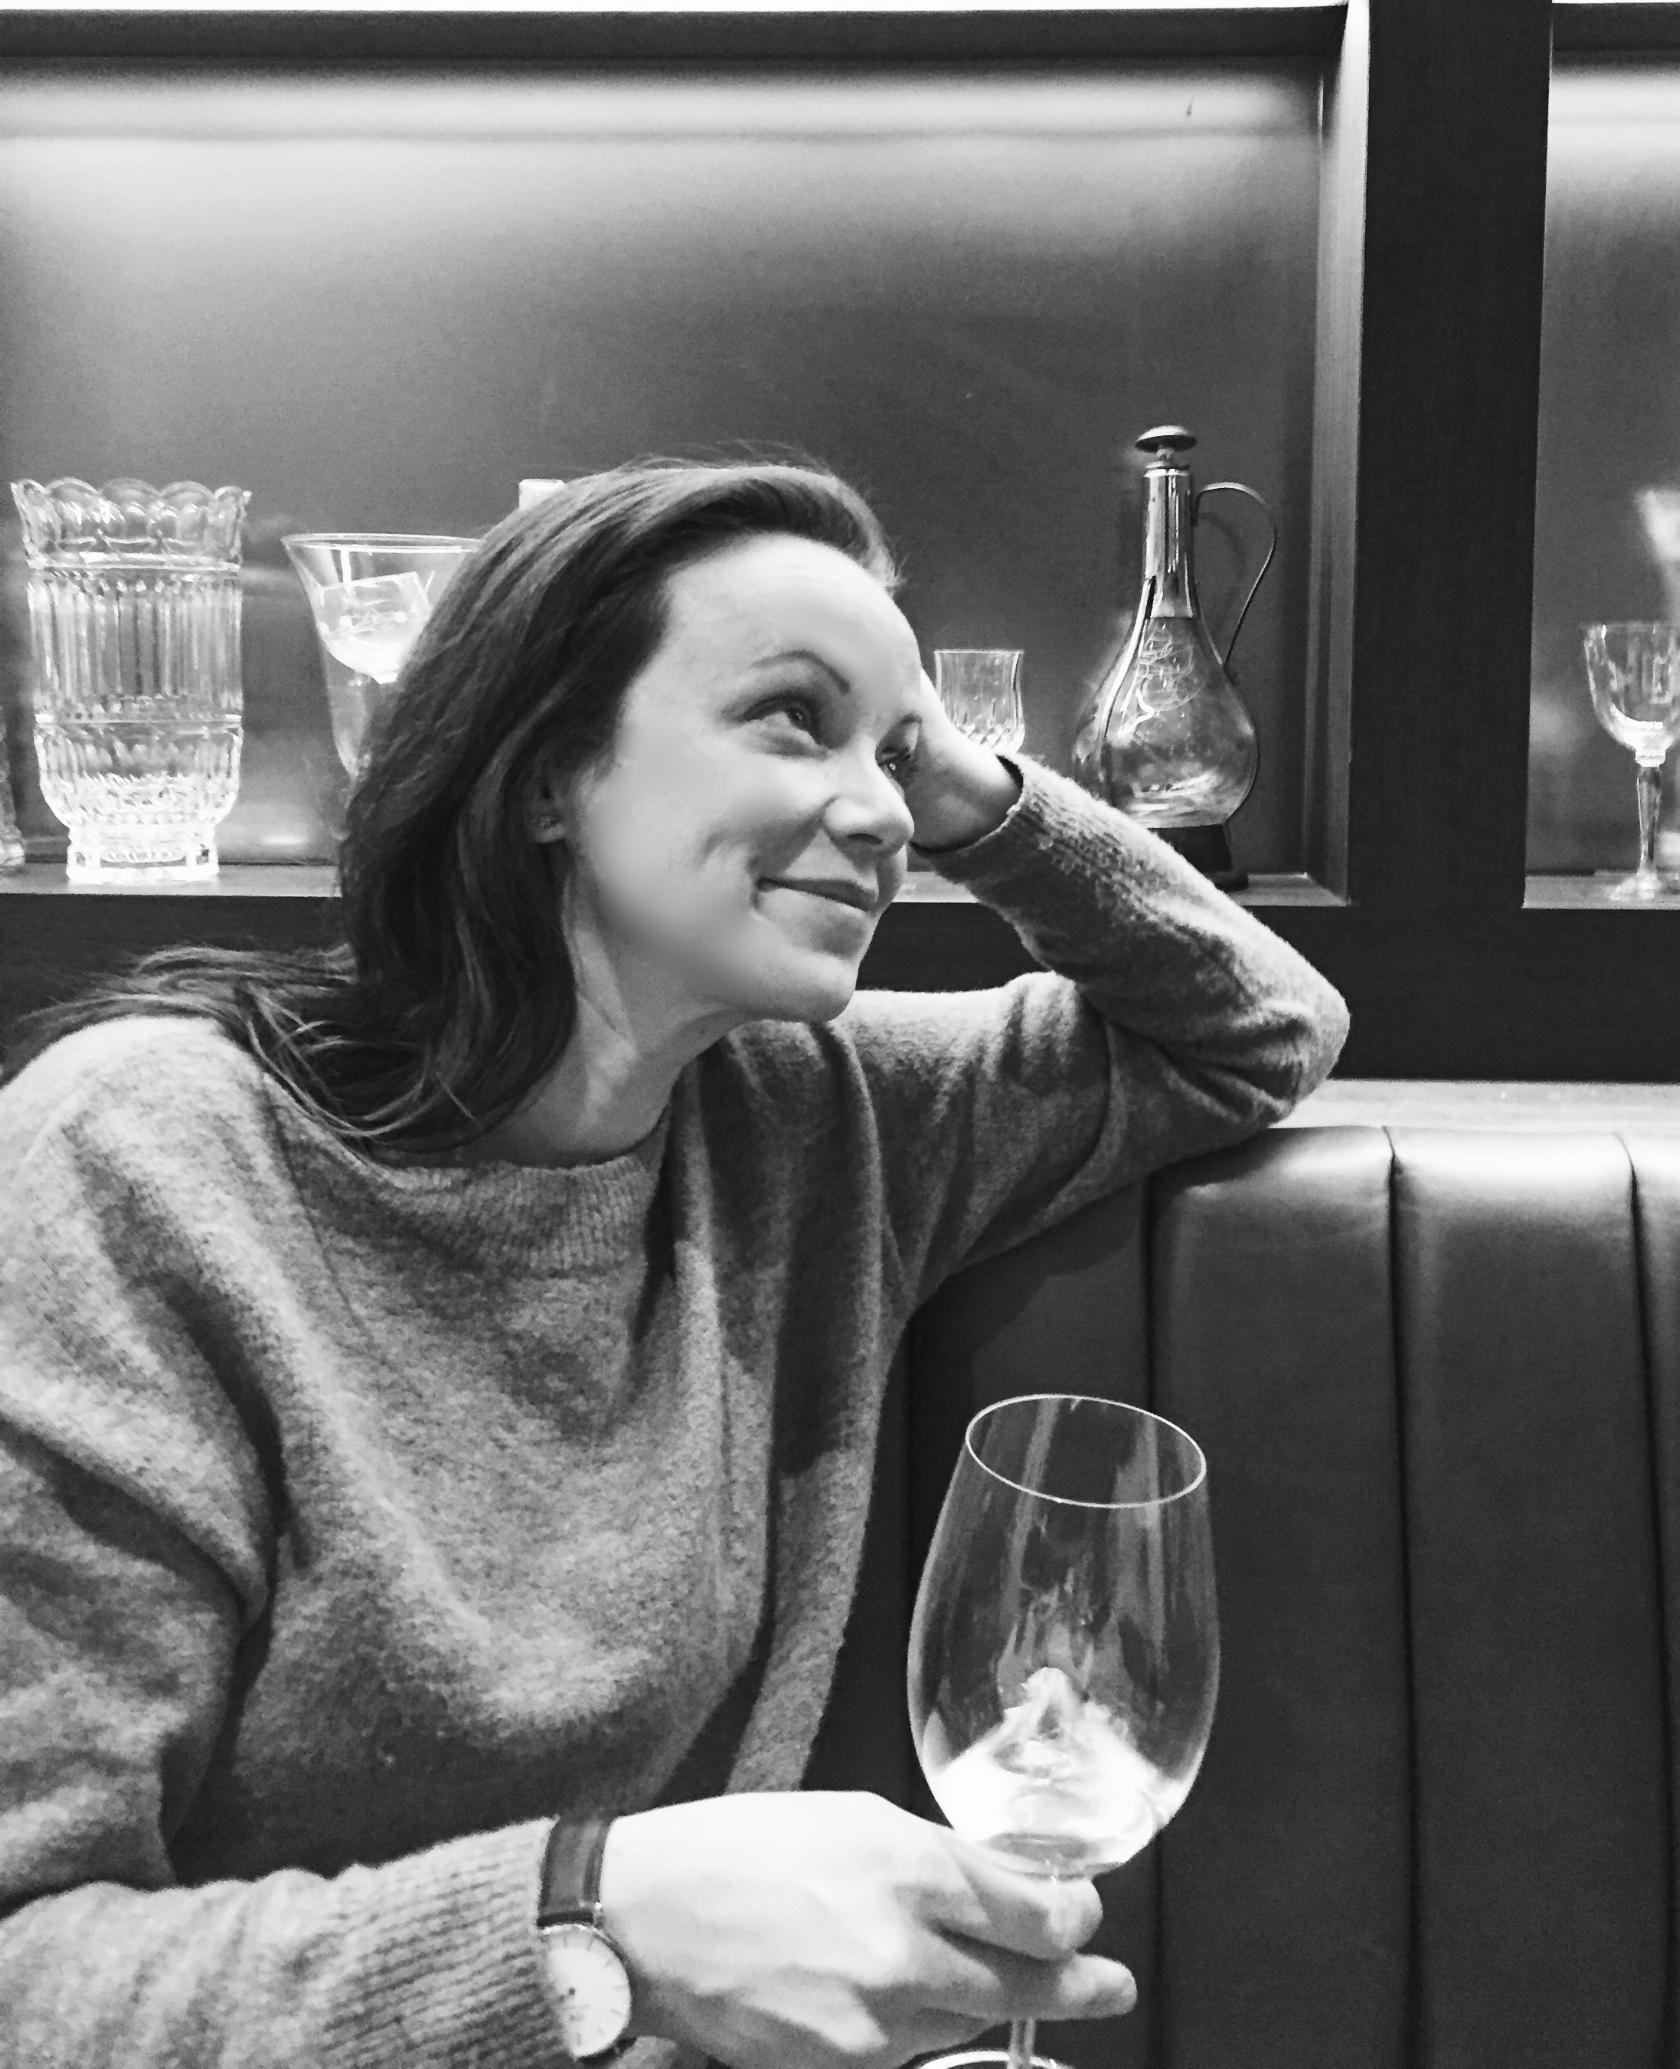 Caitlin MacIvor - Drake 150 + Jacob's & Co, Sommelier, Server & Wine Educator